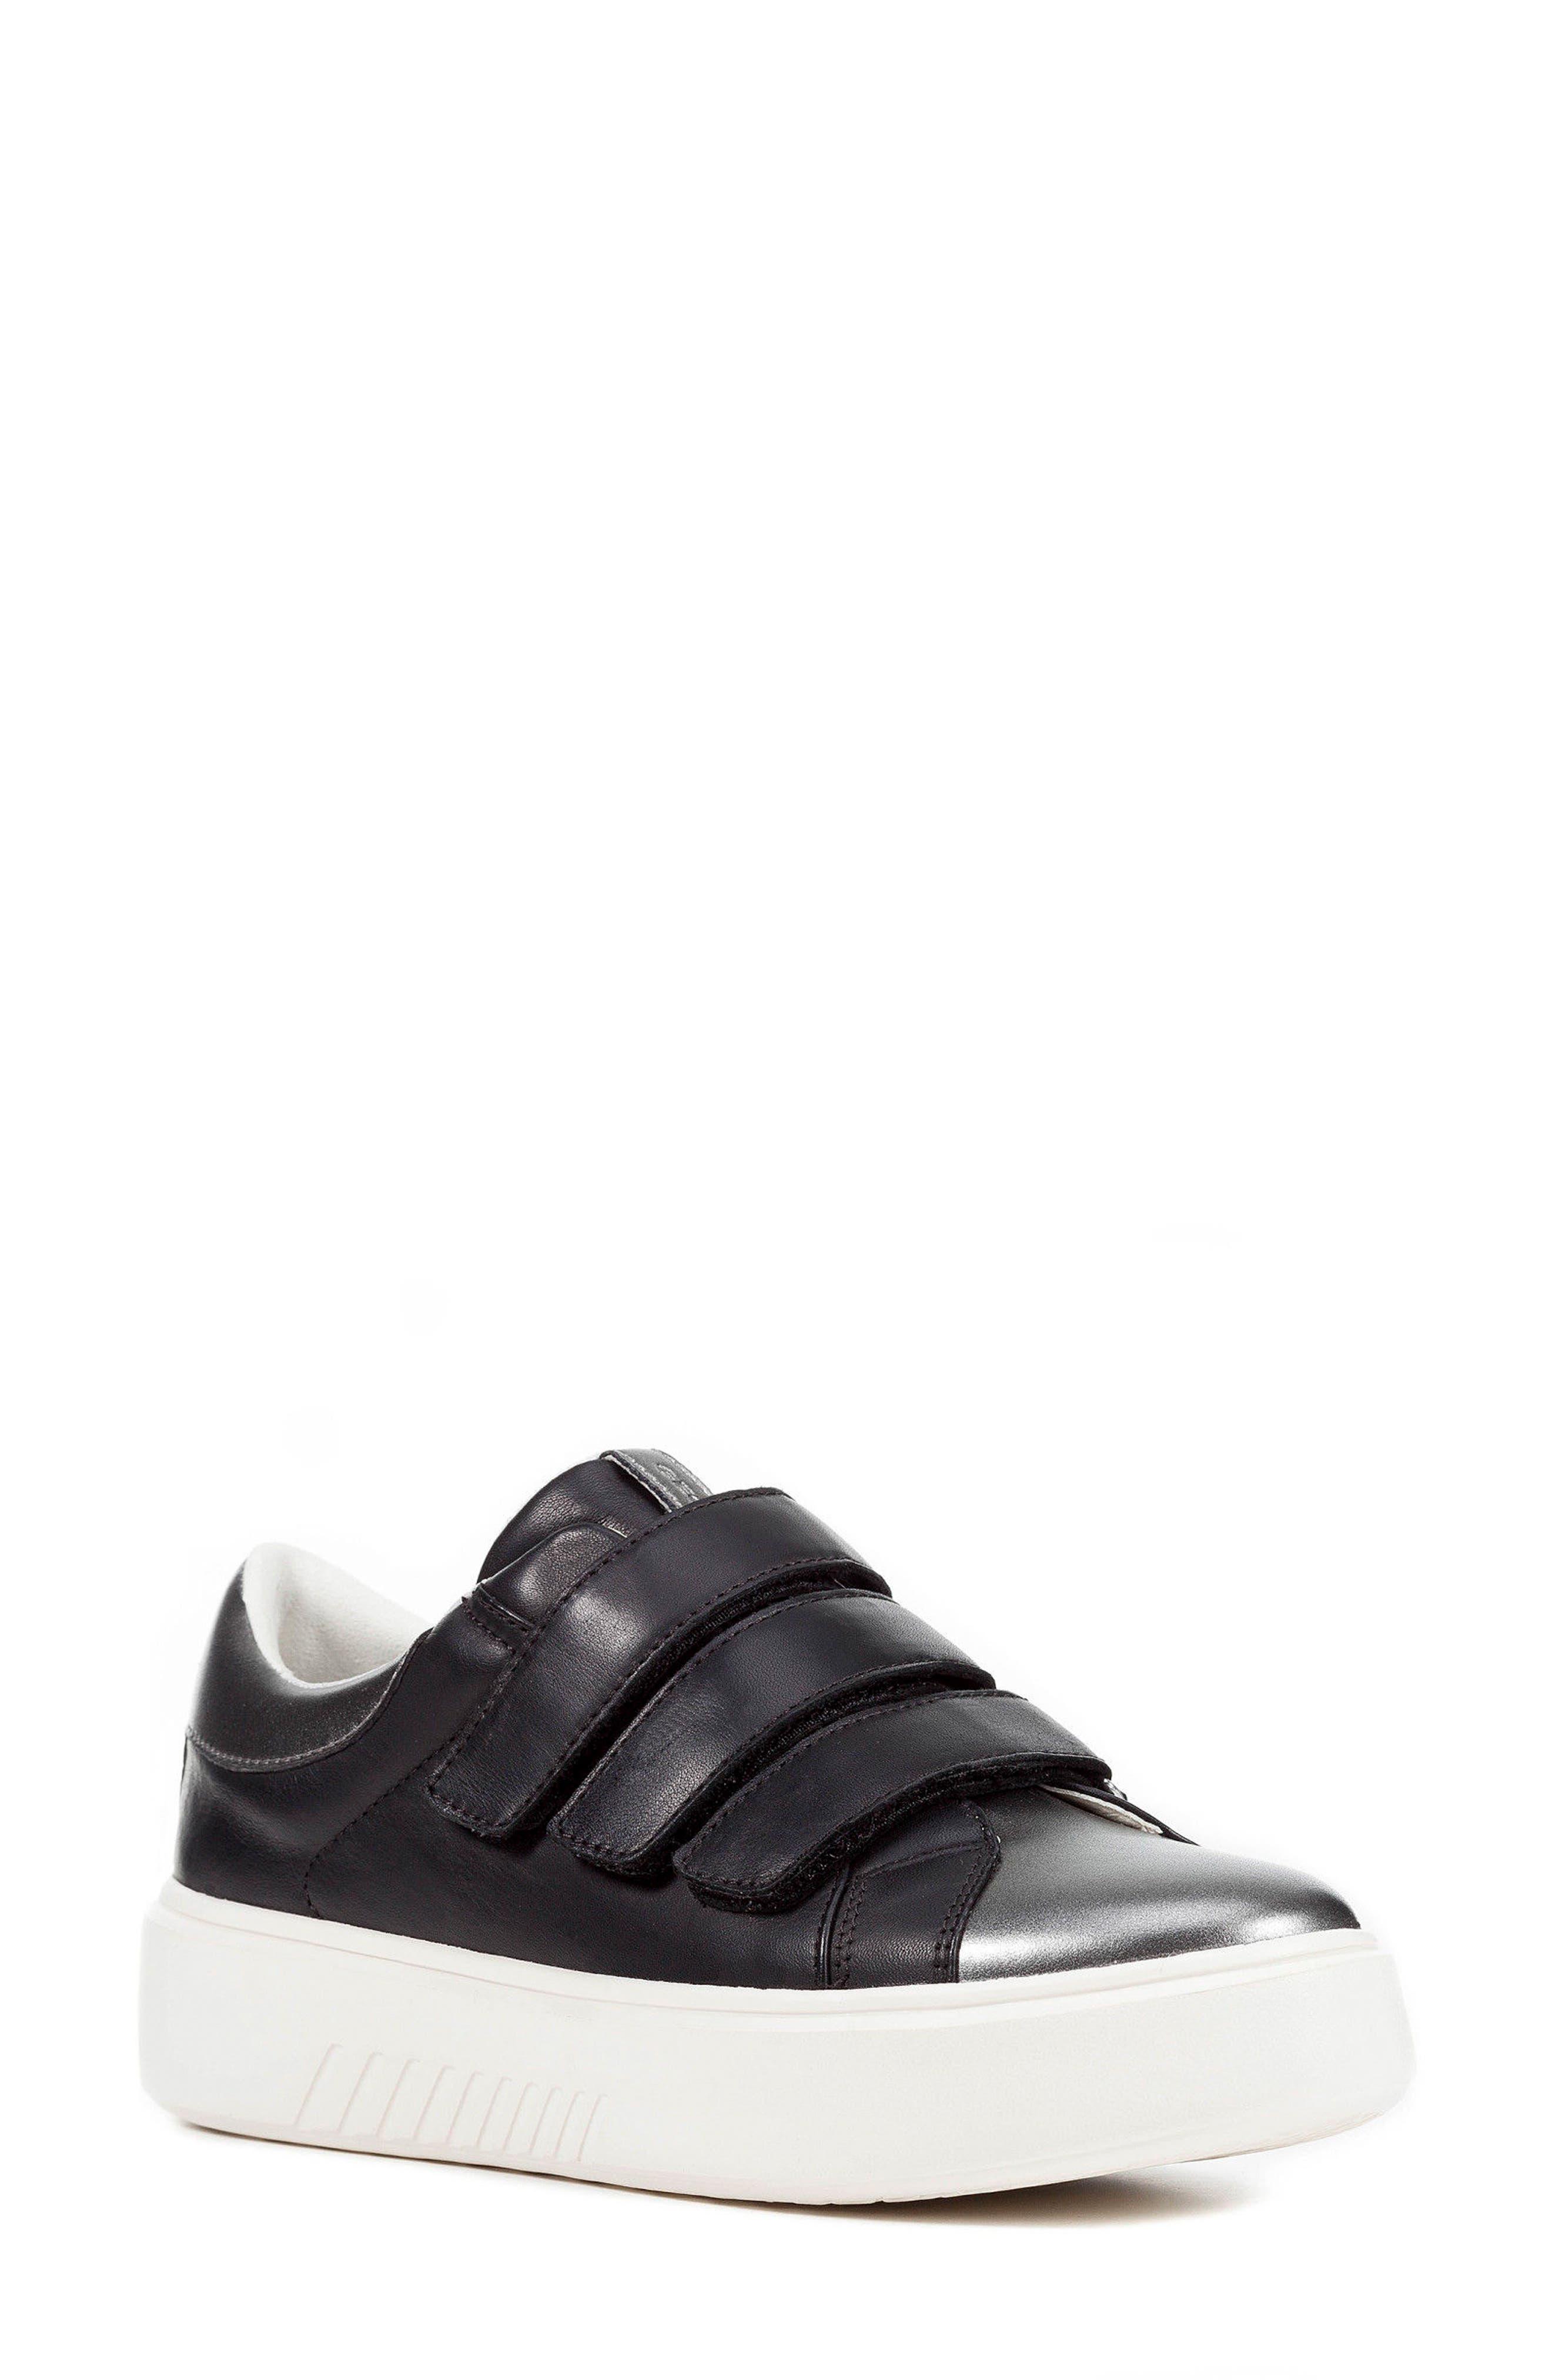 Nhenbus 3 Sneaker,                             Main thumbnail 1, color,                             BLACK LEATHER